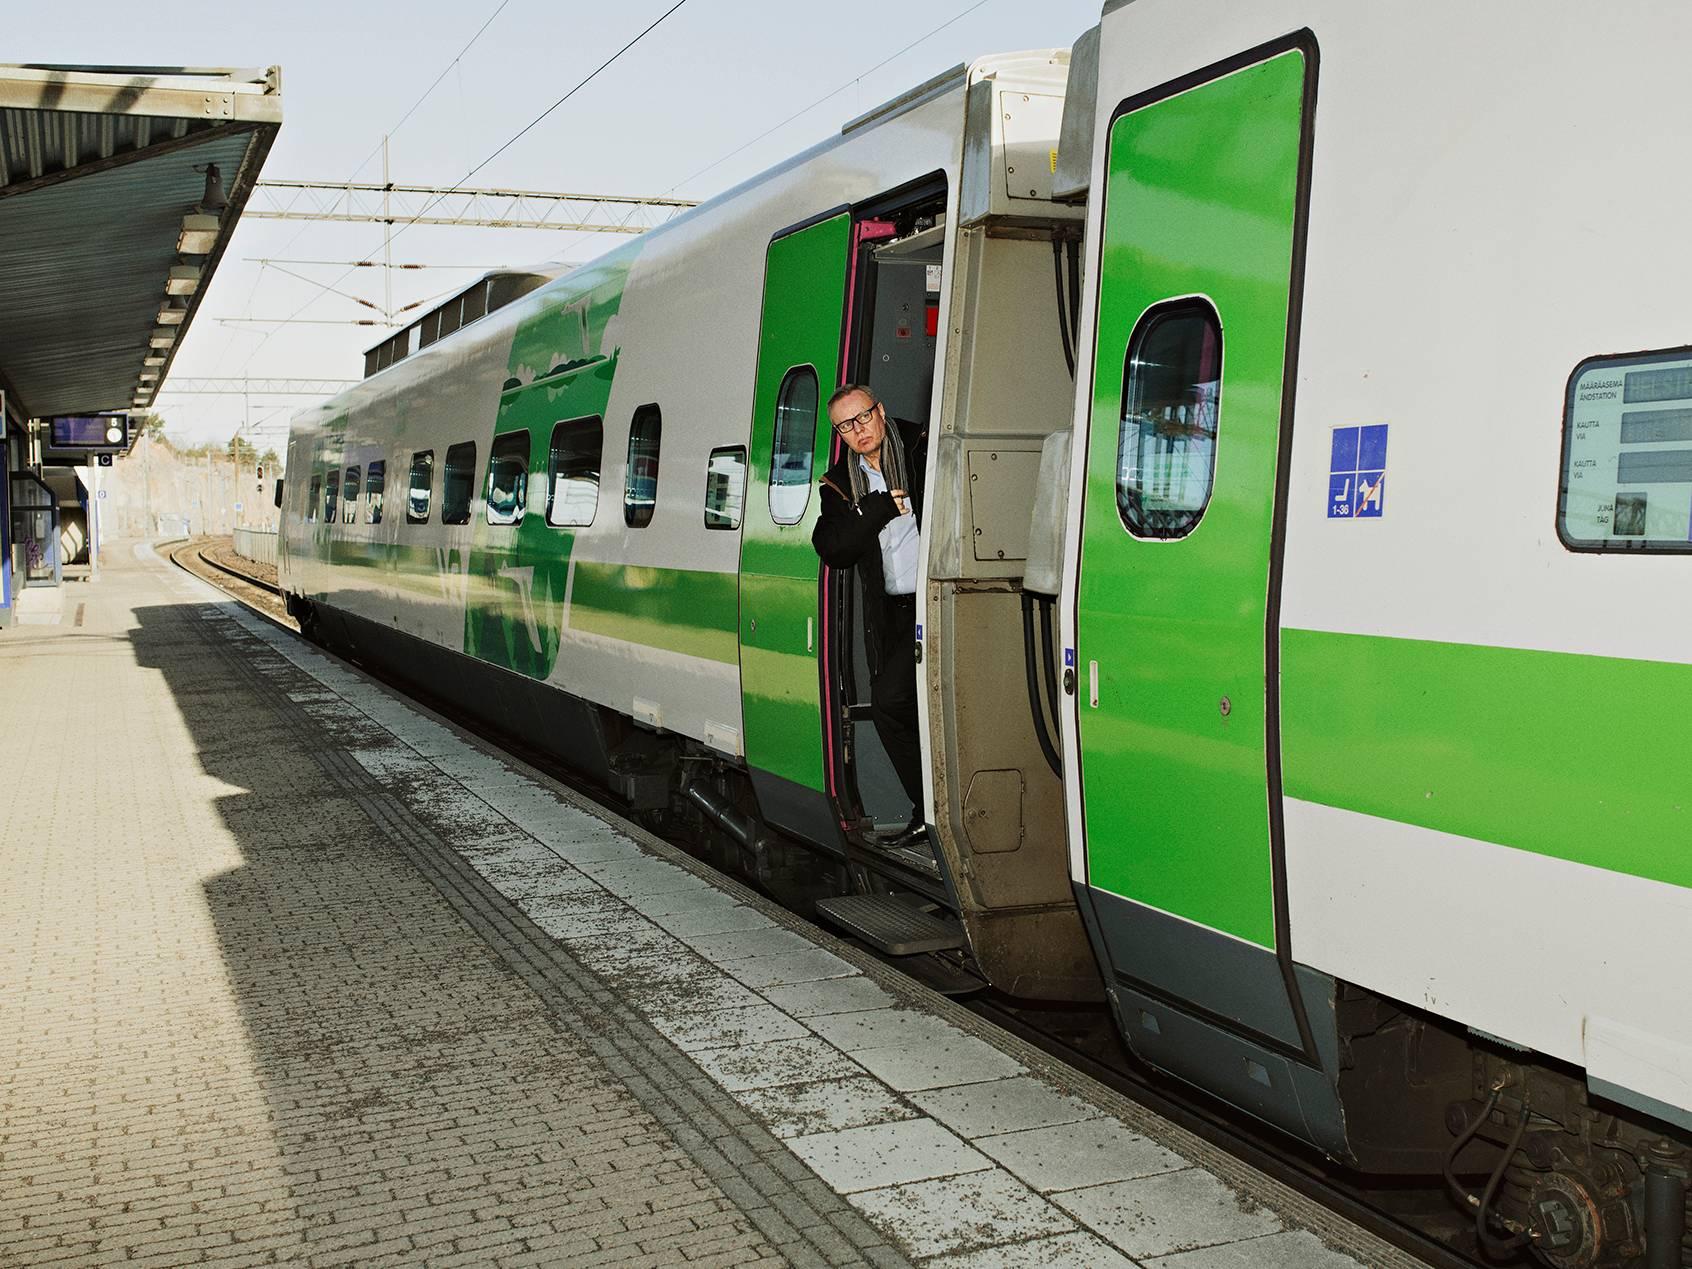 """VR on supistanut kauko- ja lähiliikennettään. Harvoissakin junissa on väljää. Tiistaina 17. maaliskuuta Pasilan aseman laiturit avautuvat autioina, vaikka pitäisi olla ruuhka- aika. Jussi Hyvärinen on Tampereelta Helsinkiin saapuneen junan ainoa matkustaja, joka jää pois Pasilassa. """"Työasioita"""", hän sanoo. <span class=""""typography__copyright"""">©&nbsp;Kuva Aapo Huhta.</span>"""